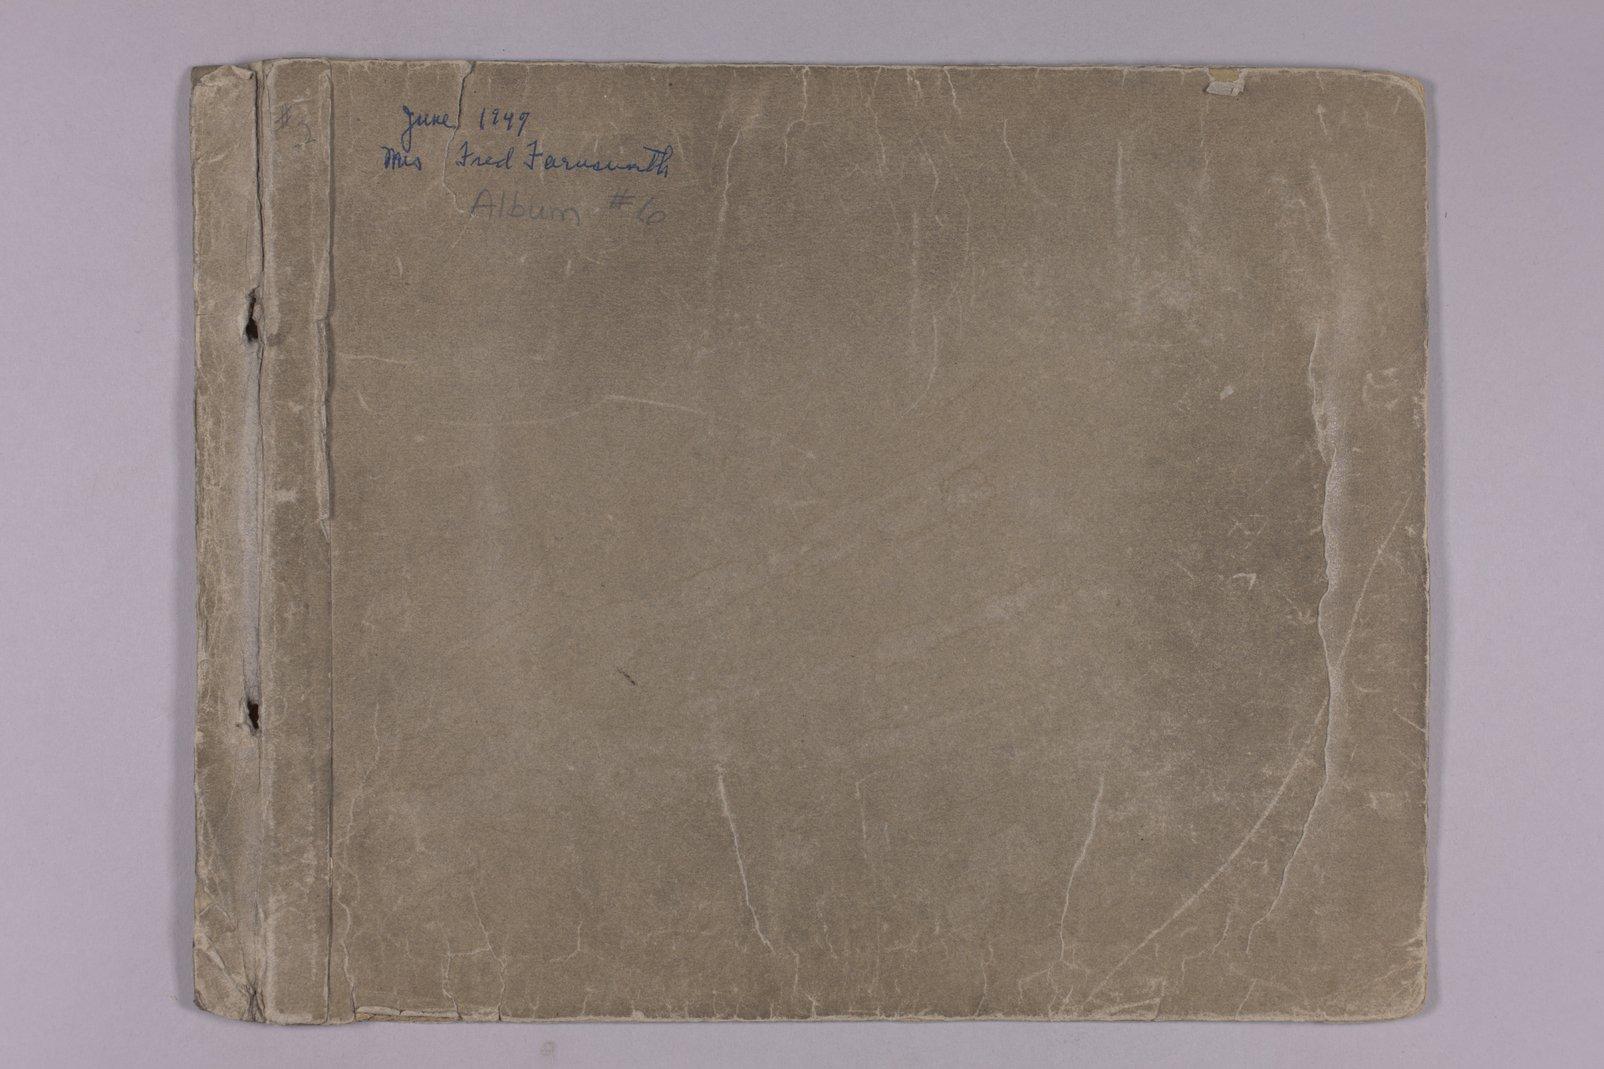 Martha Farnsworth scrapbook #4 - Front cover